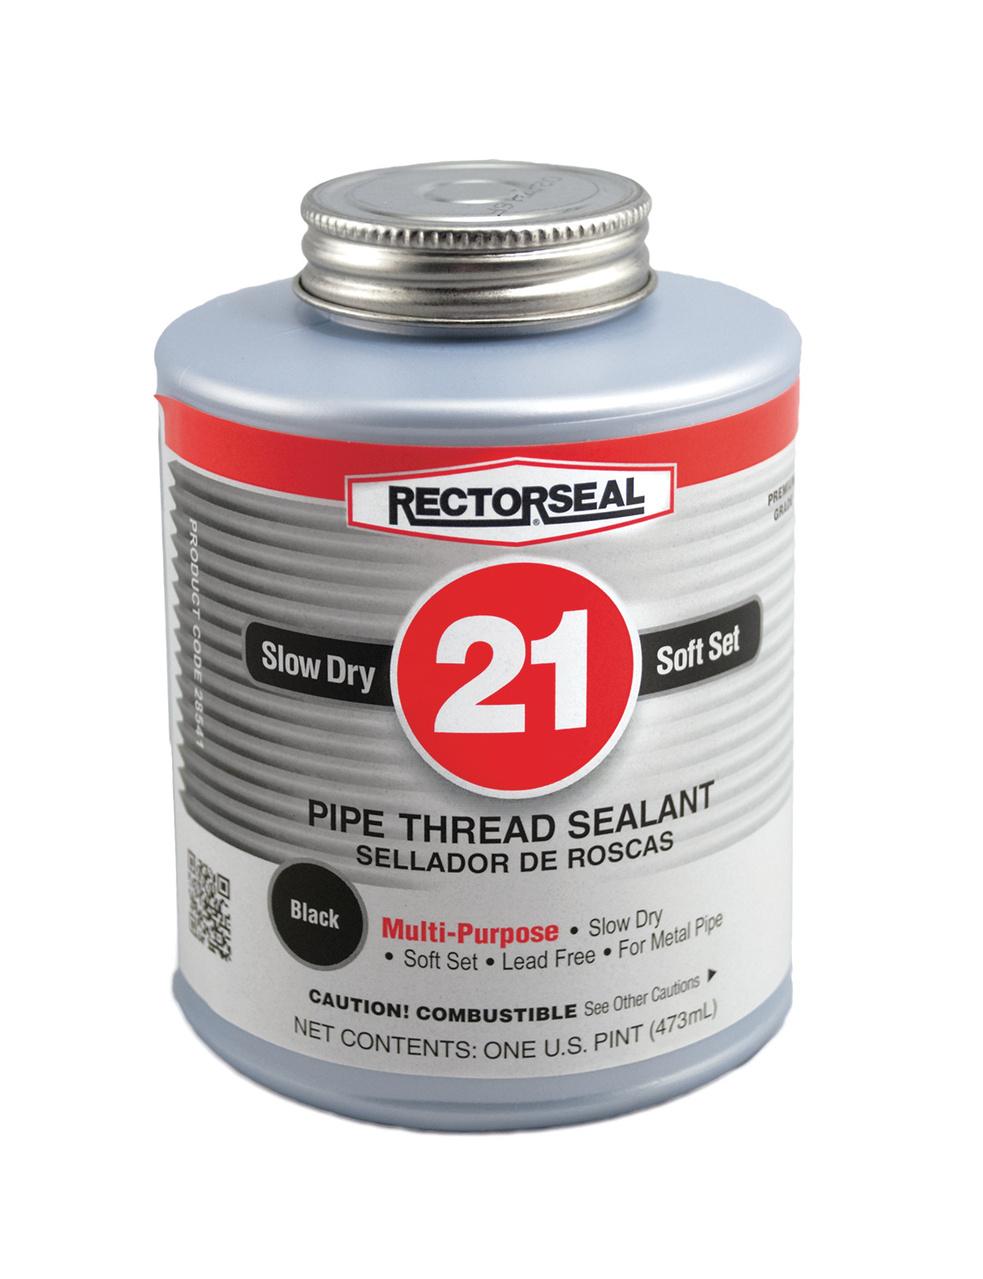 RectorSeal No. 21